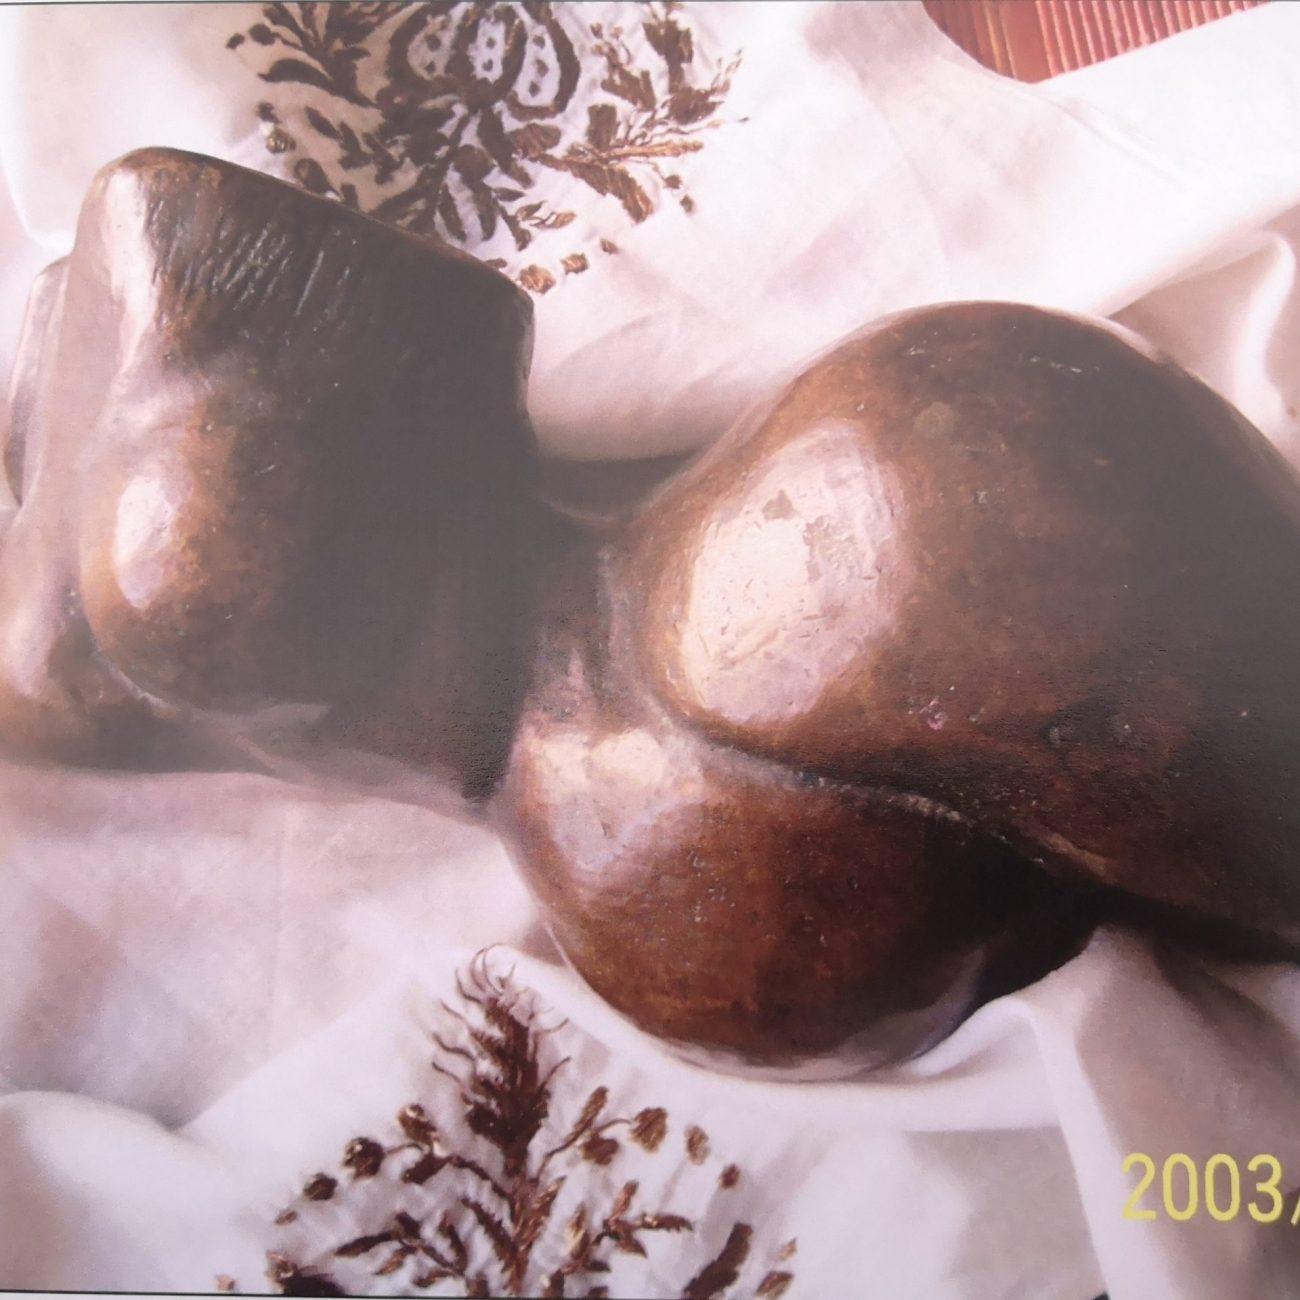 Yatan Venüs Teknik:Bronz  Ölçü:30x15x10 cm  Fiyat:15000 TL